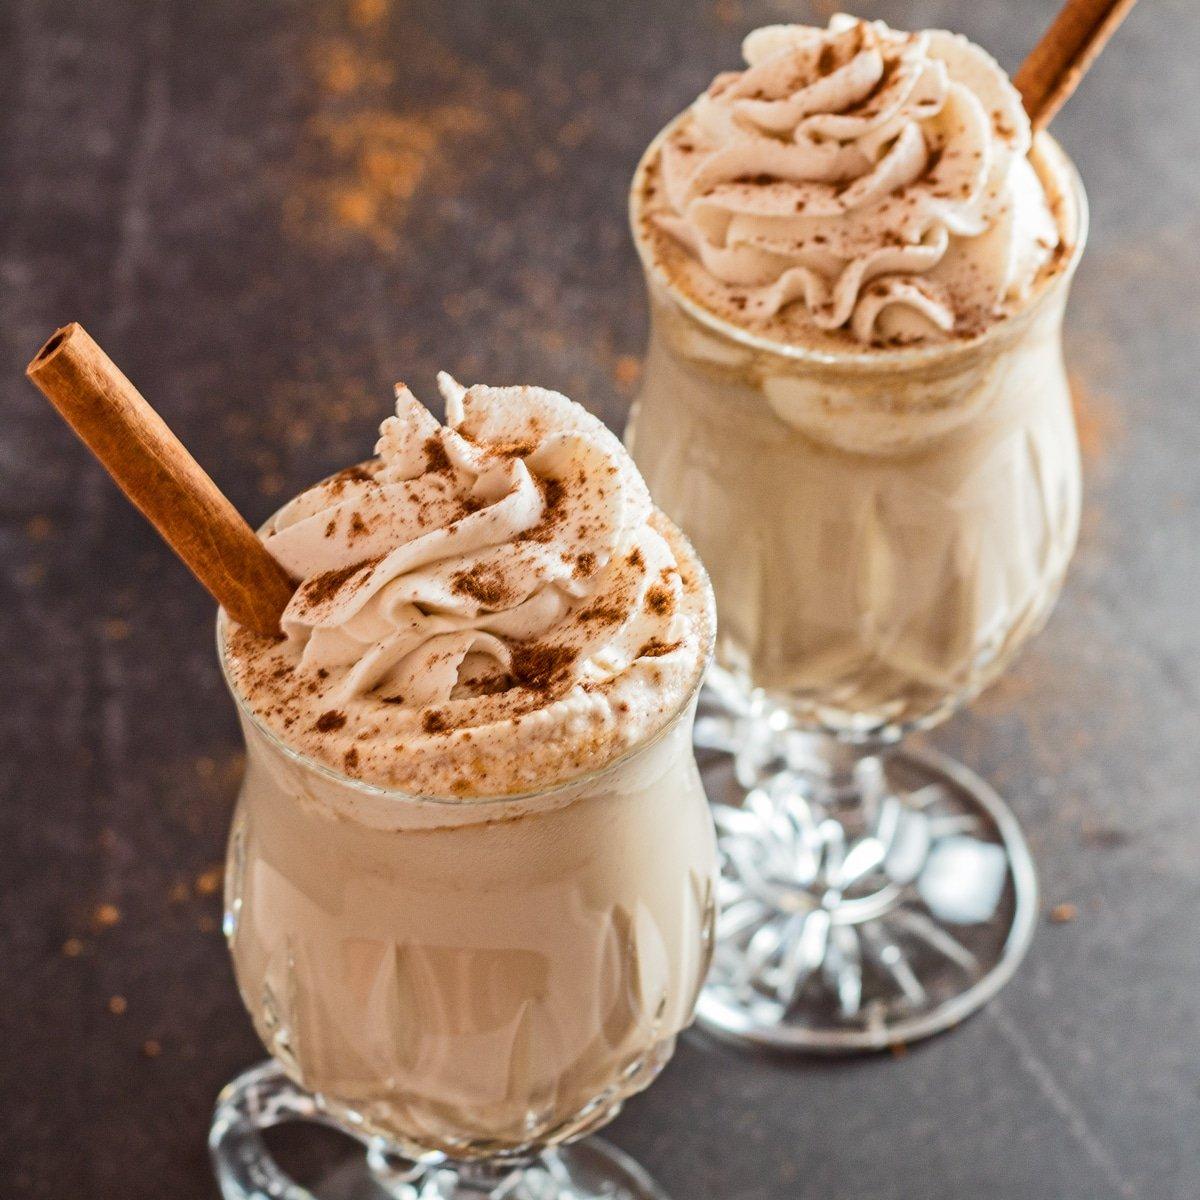 Gran sobrecarga en ángulo de café con leche helado de especias de calabaza cubierto con crema batida.